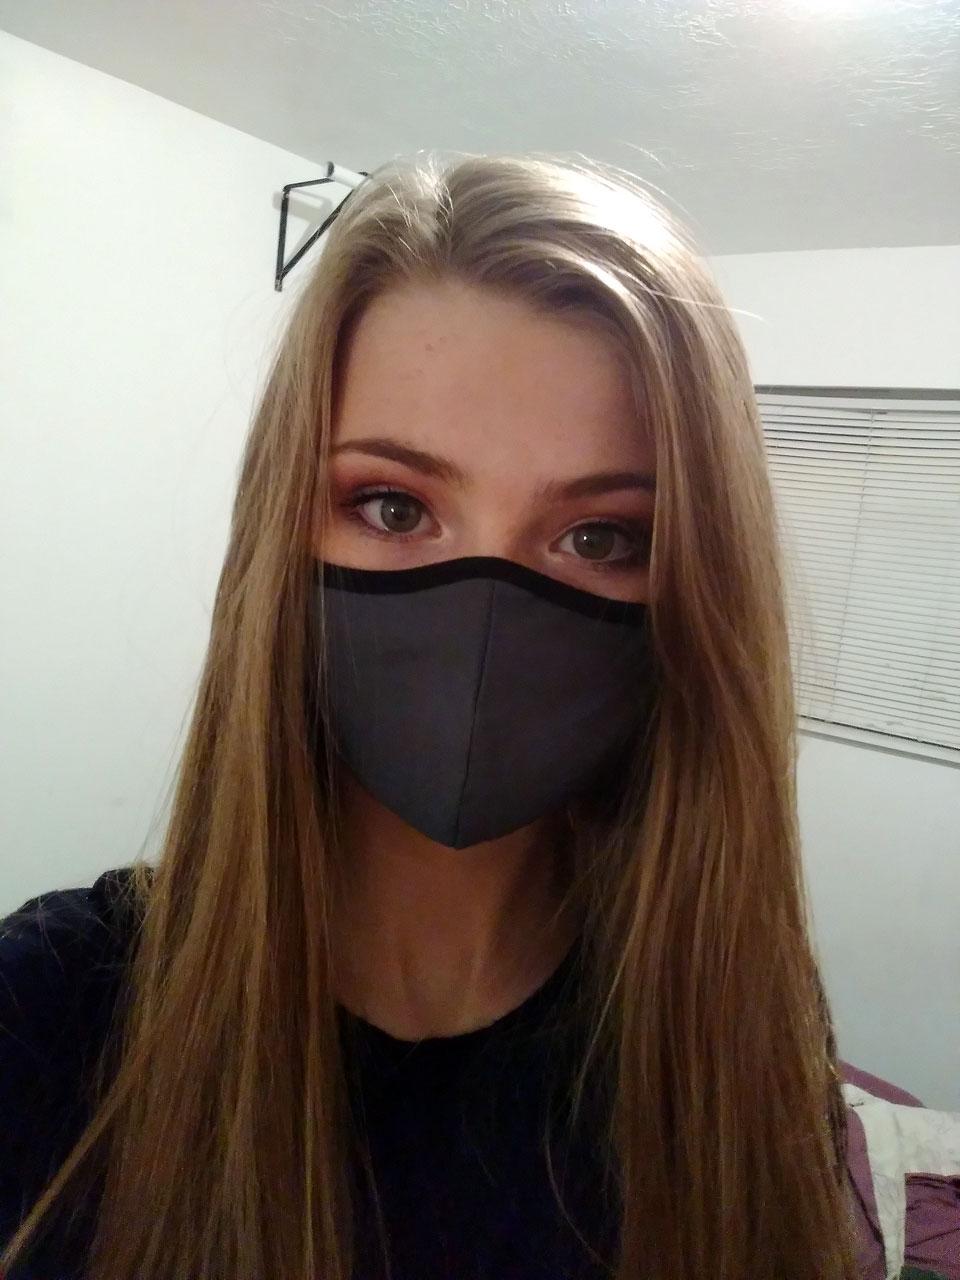 LaDonna Fuller shares a mask selfie